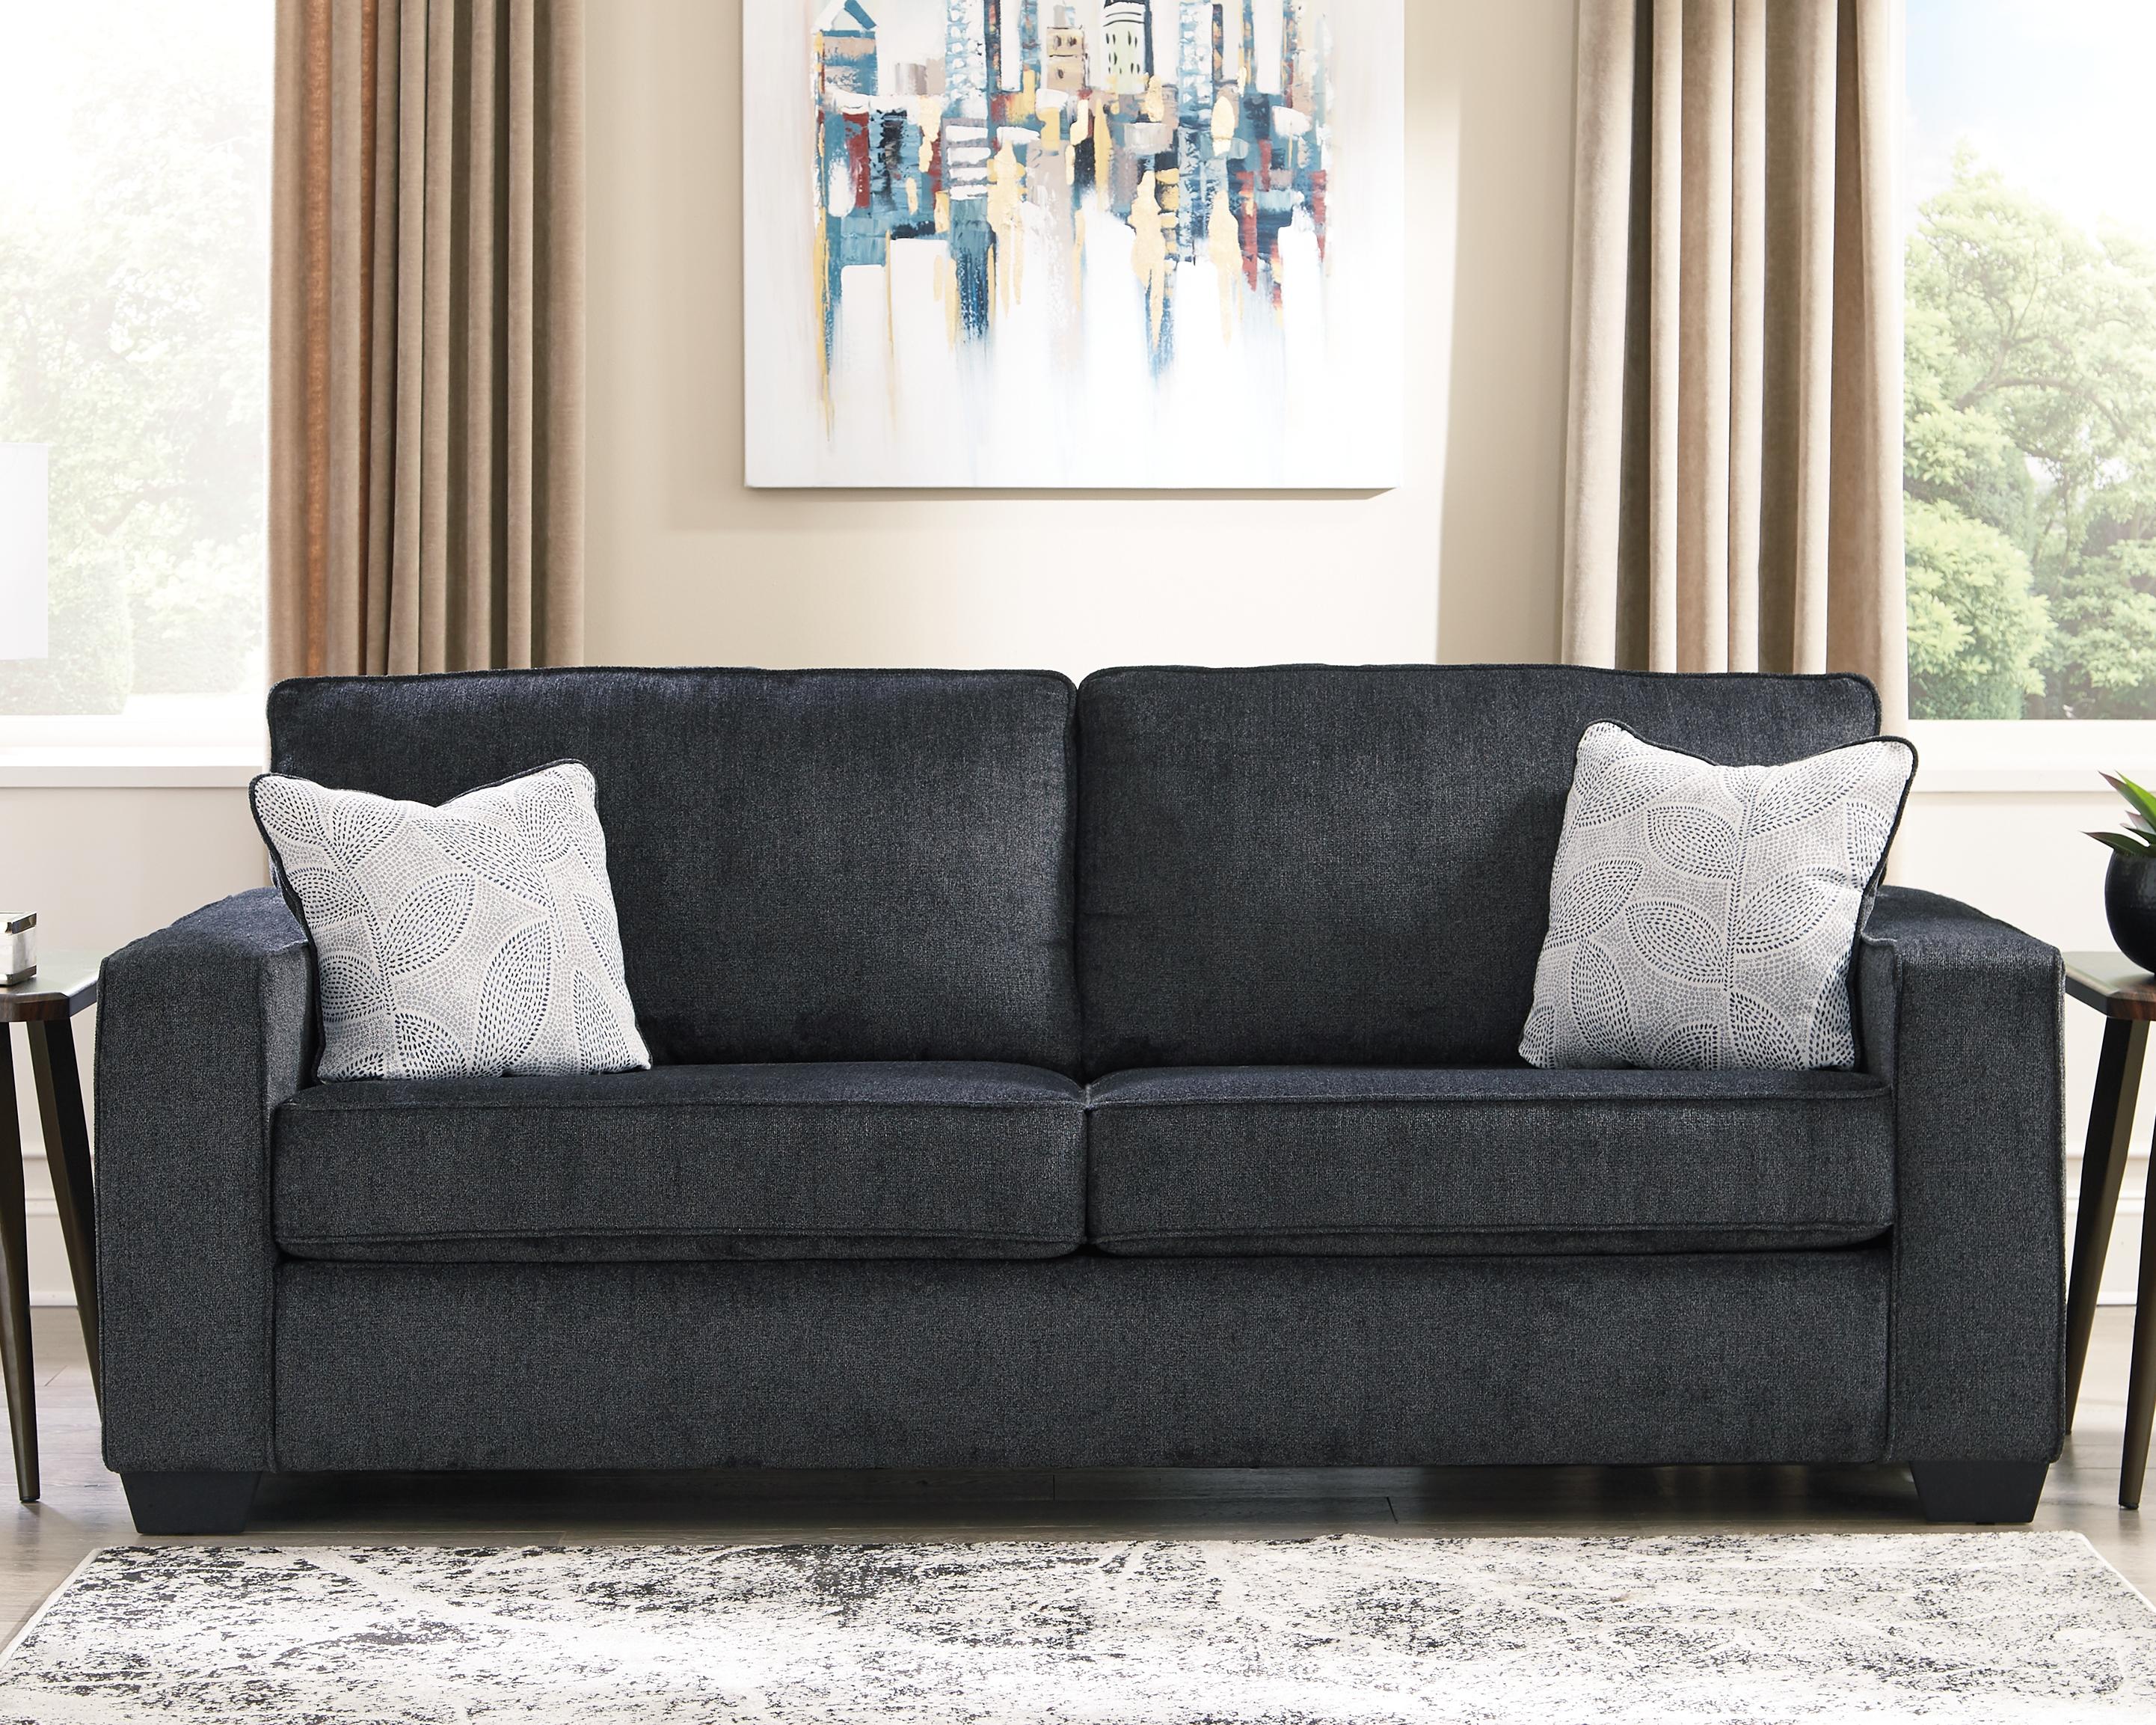 Altari Sofa in Slate